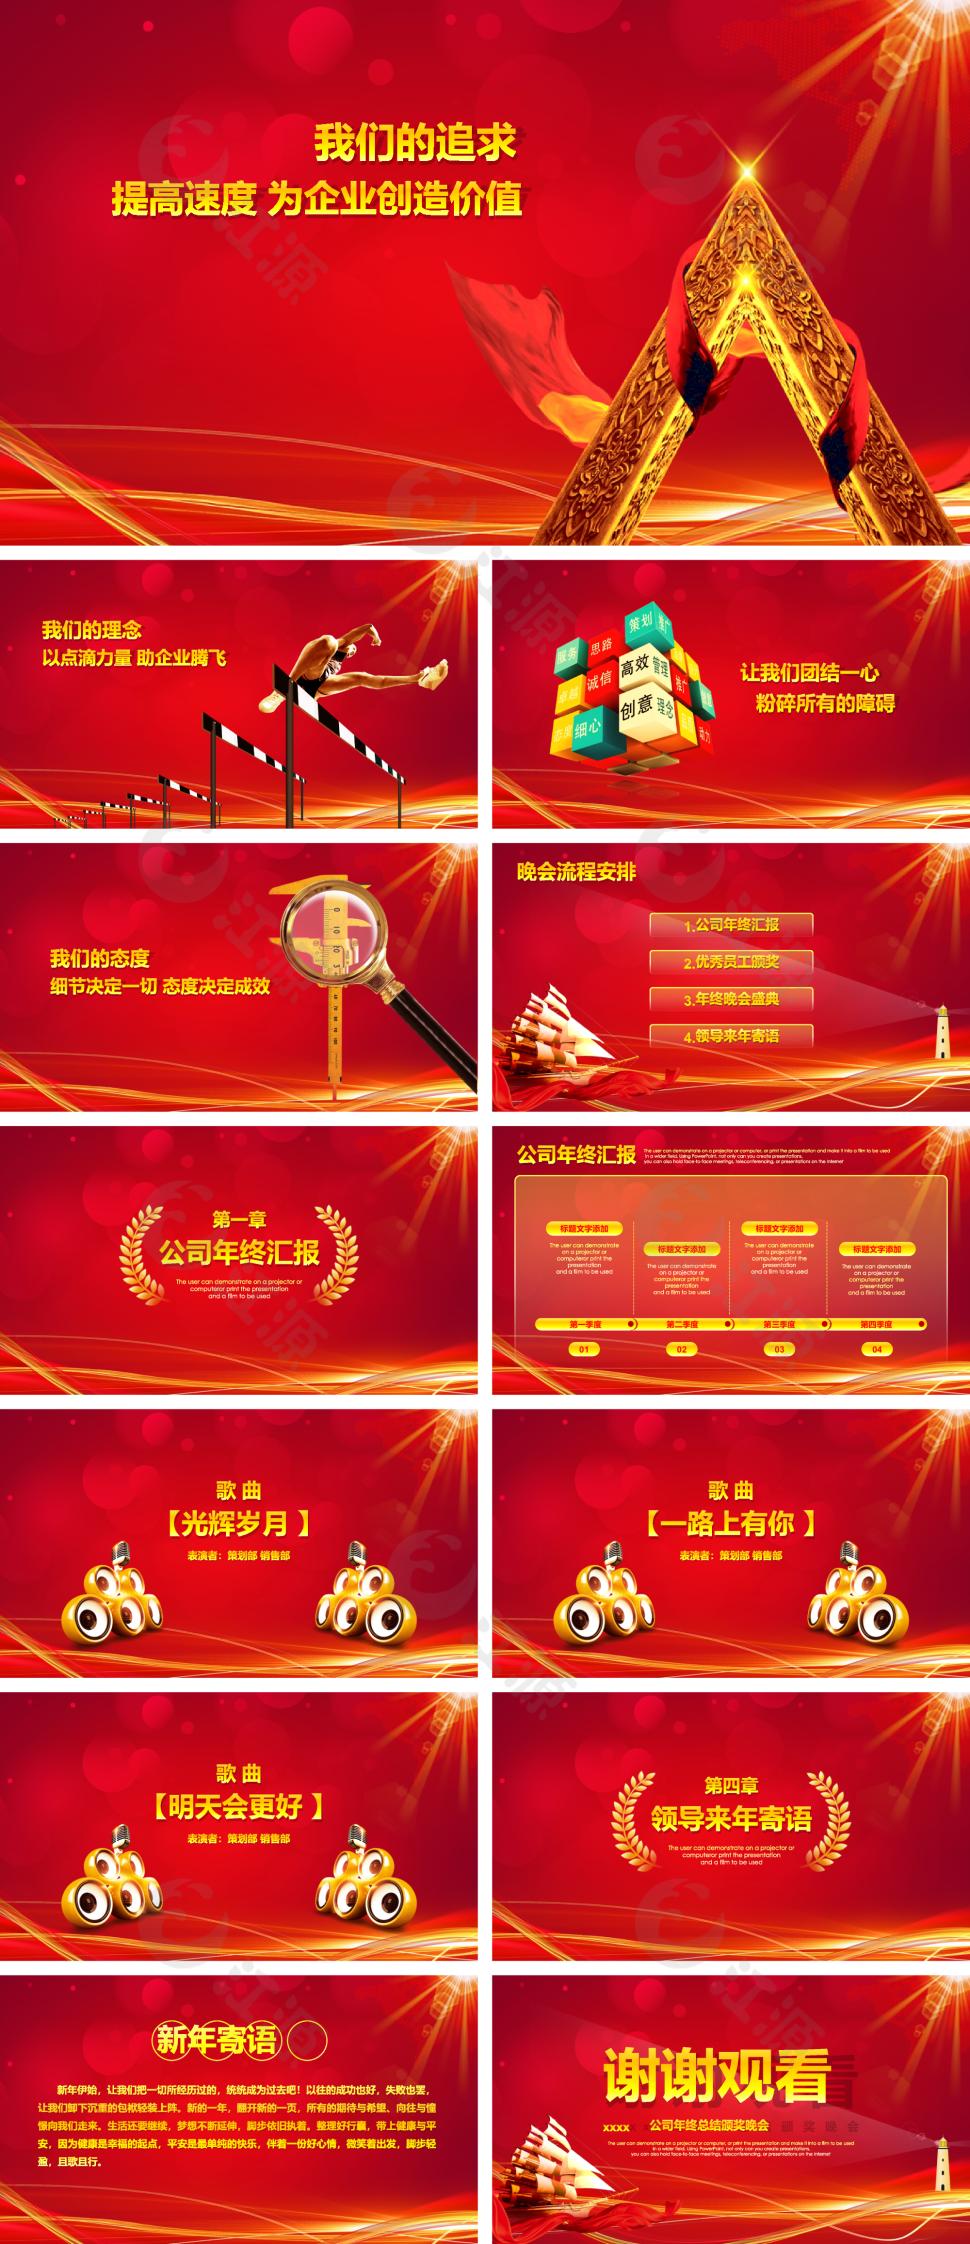 中国风红色金融投资总结计划ppt模板